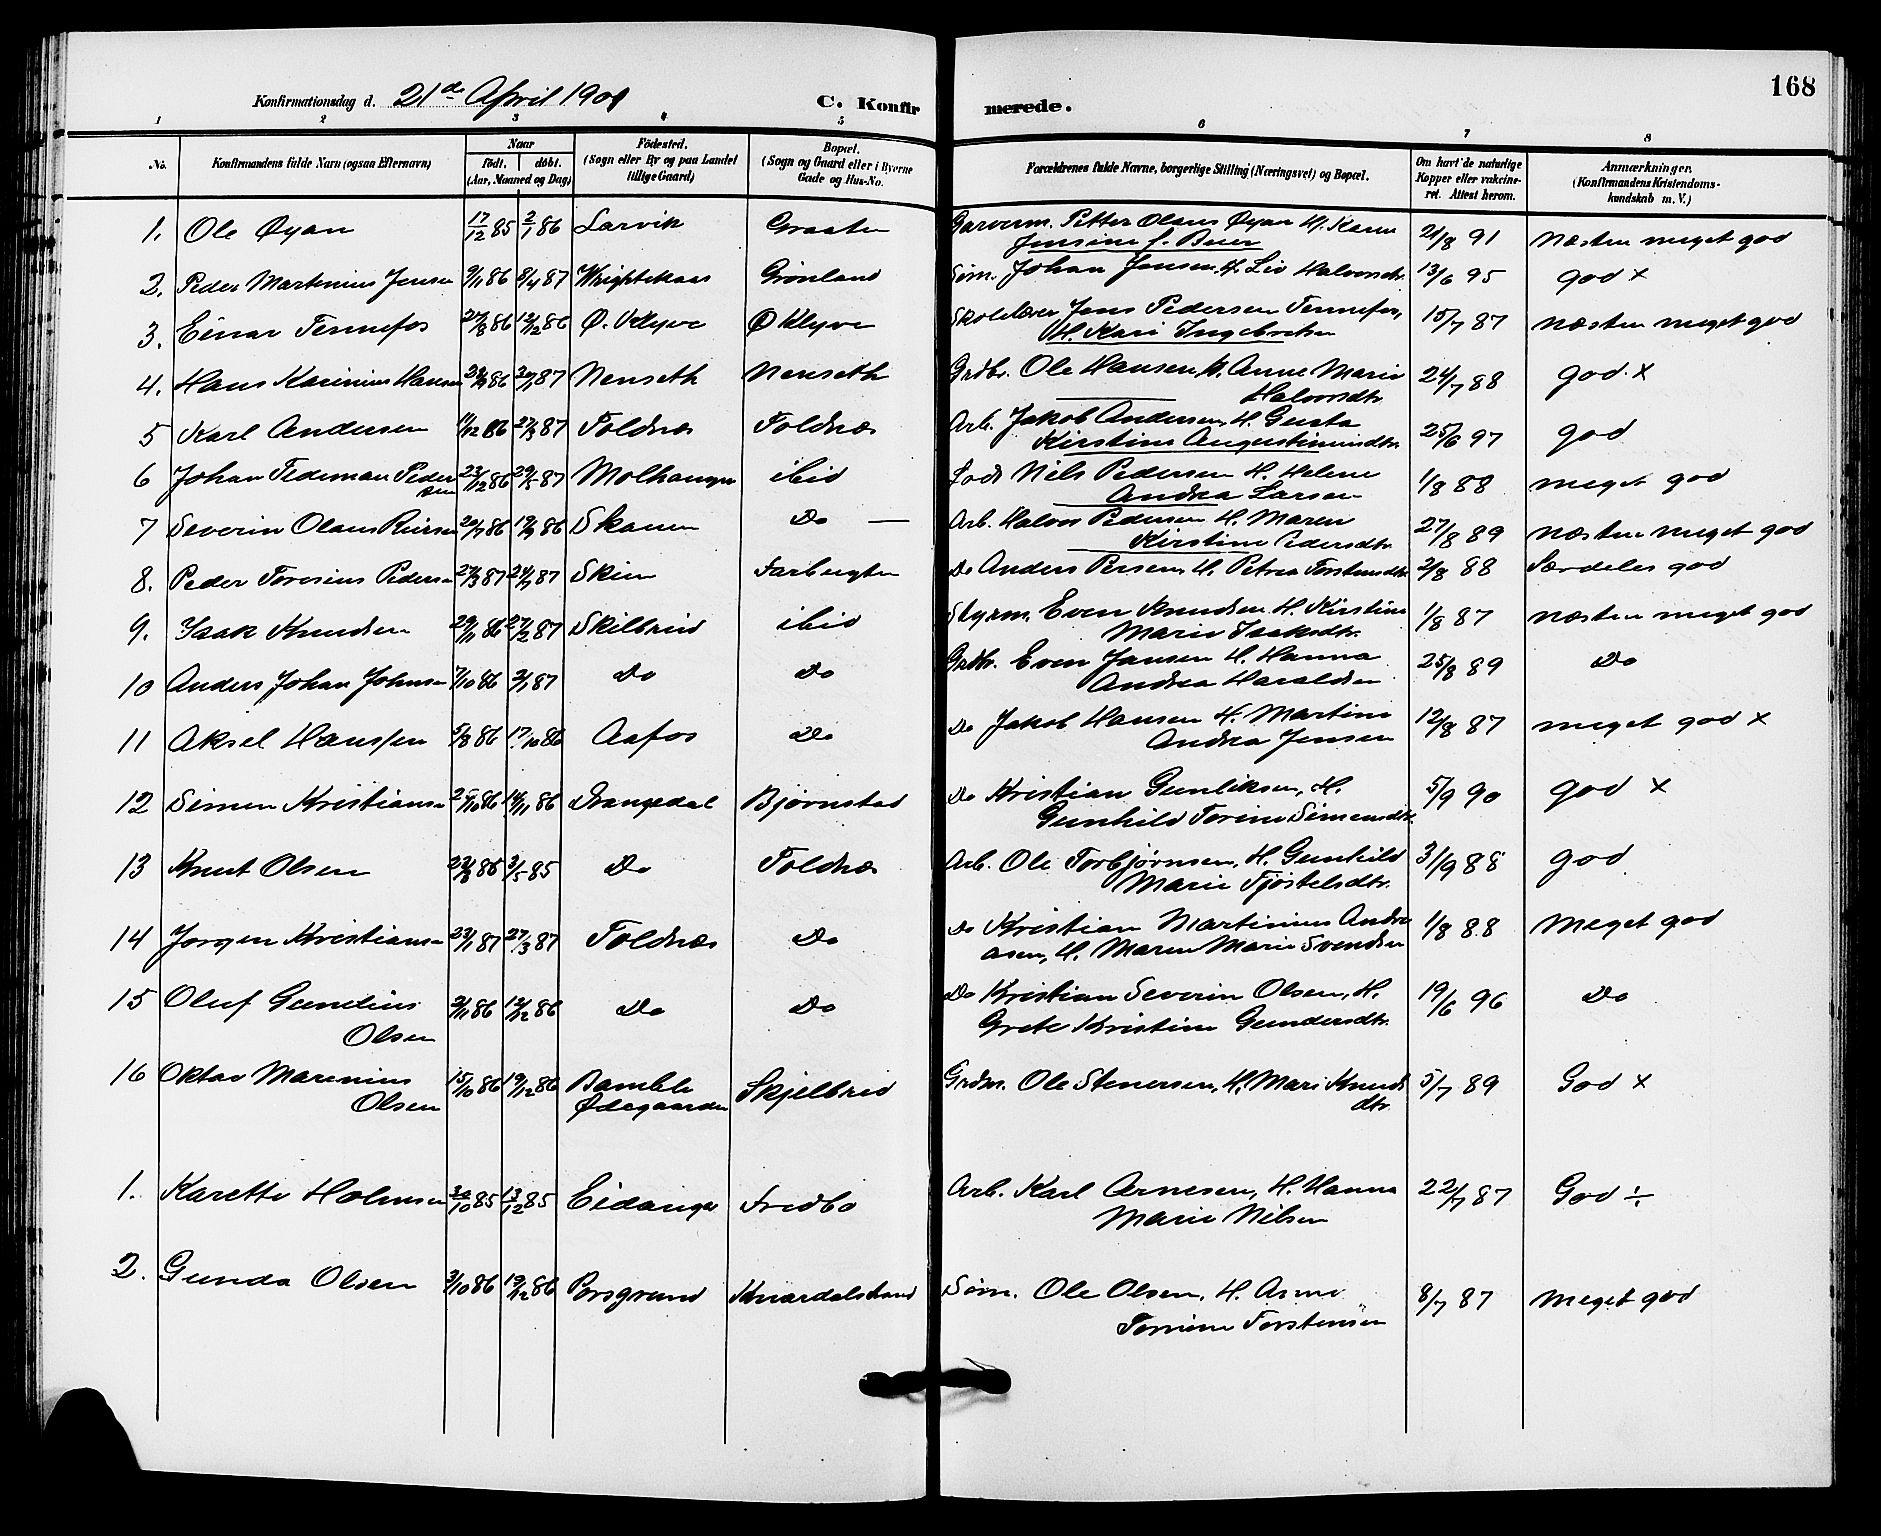 SAKO, Solum kirkebøker, G/Ga/L0008: Klokkerbok nr. I 8, 1898-1909, s. 168